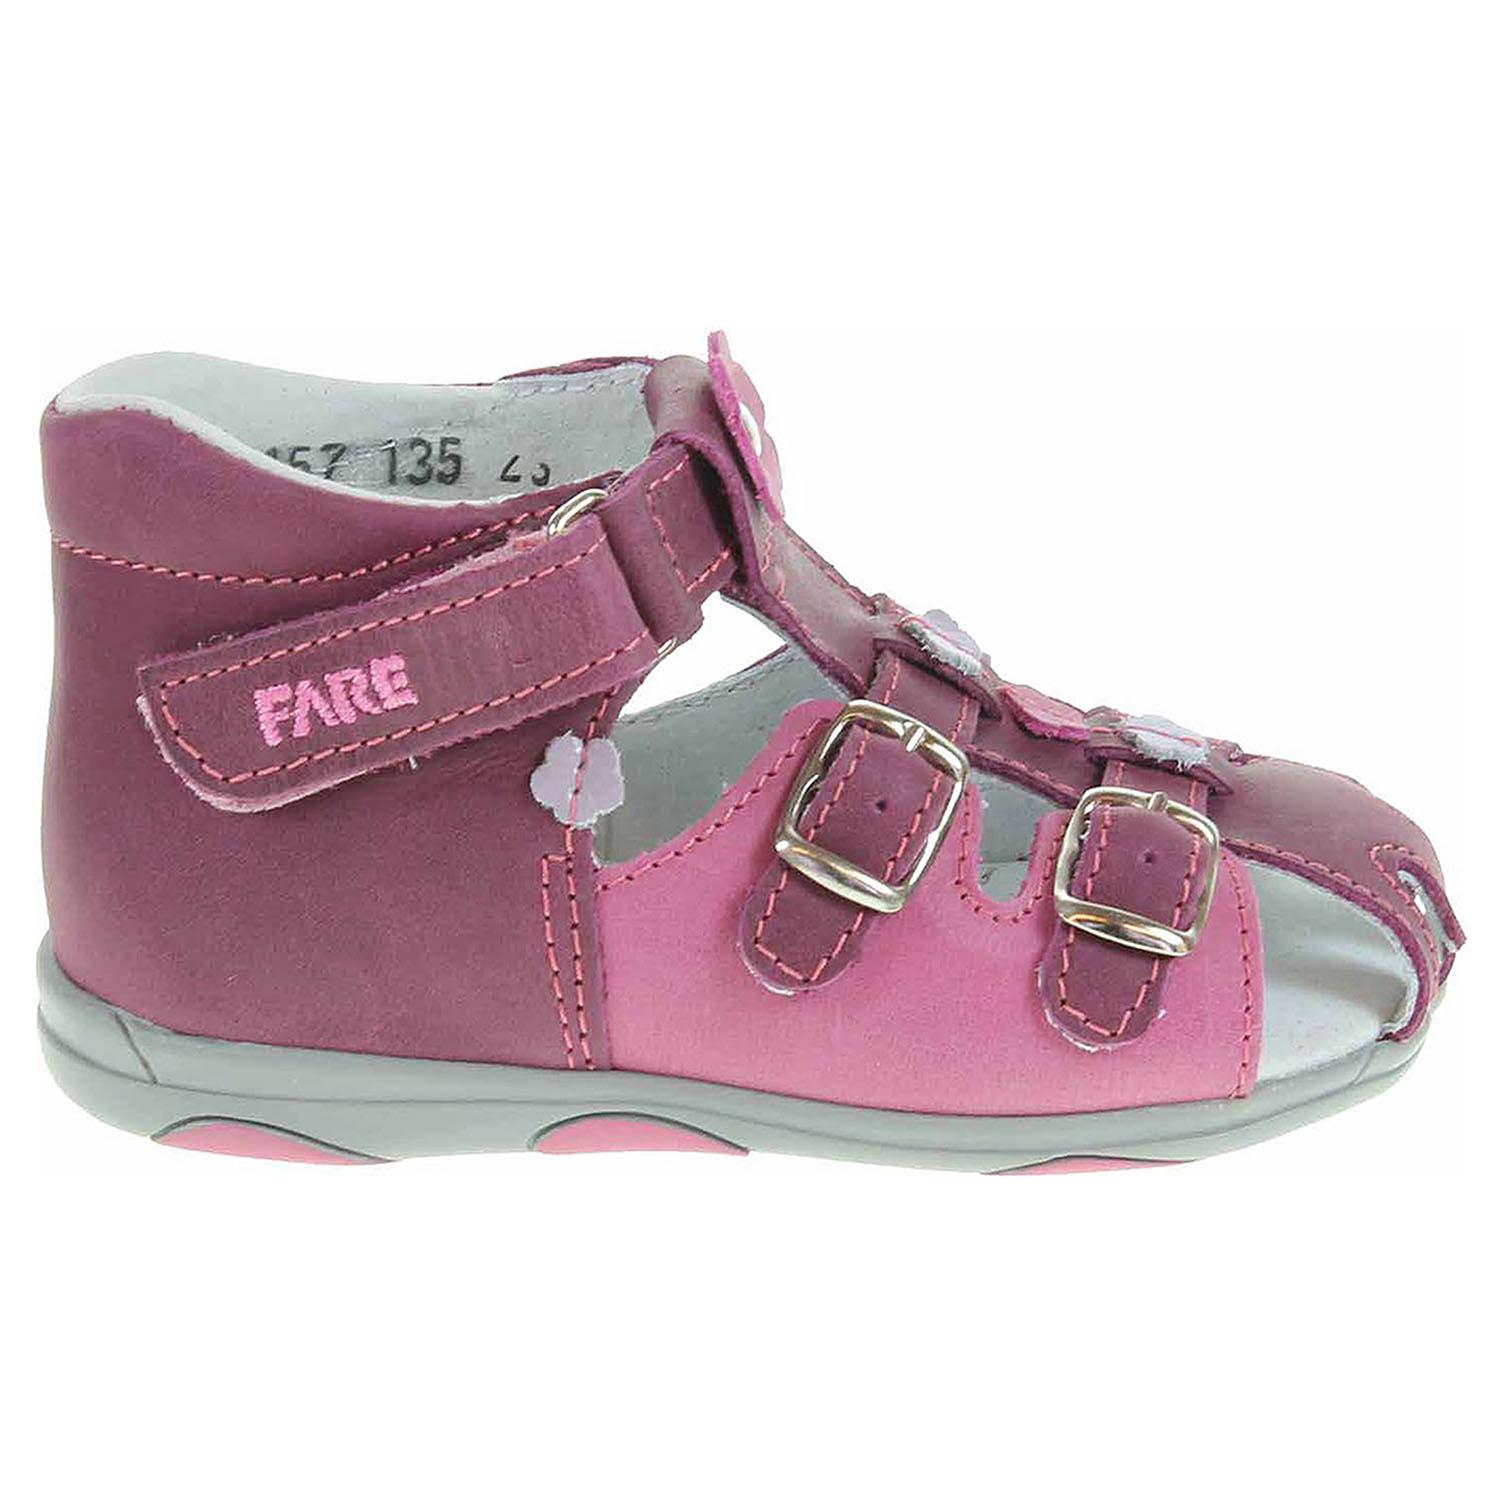 Ecco Fare dívčí sandály 568157 vínová-růžová 26100122